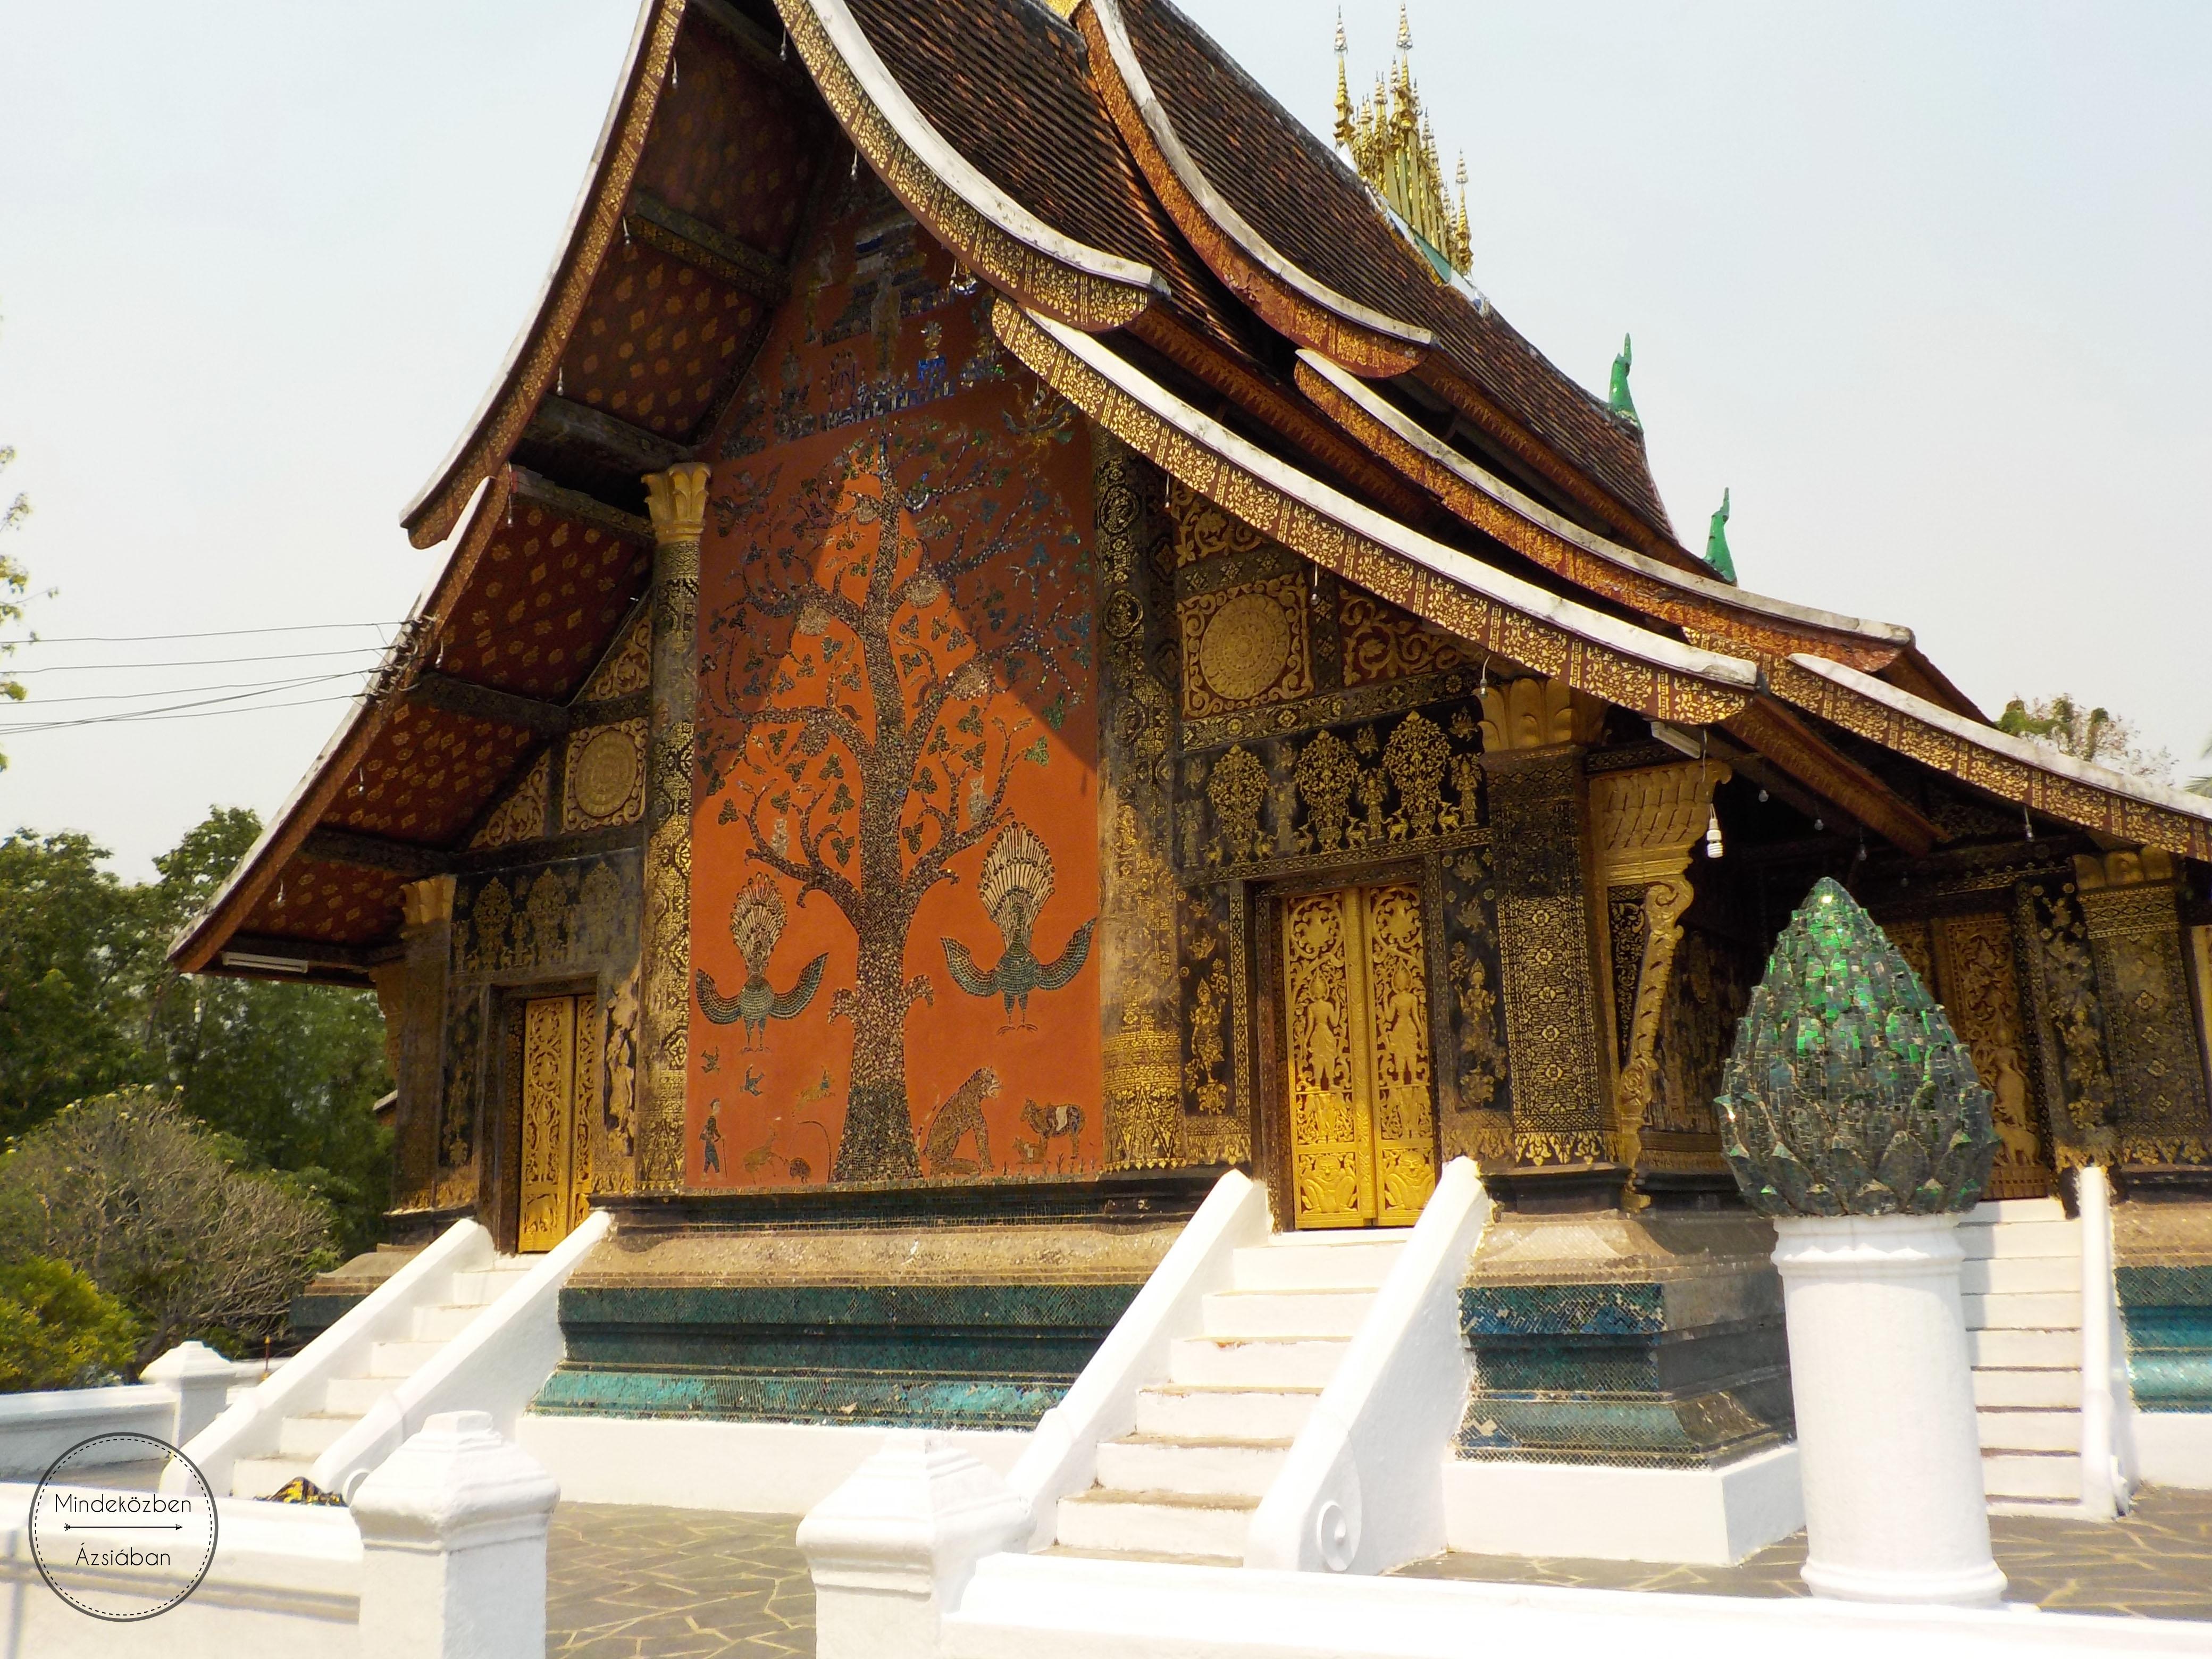 Gyönyörű mozaikkal díszített templomok vakítanak a déli napsütésben.